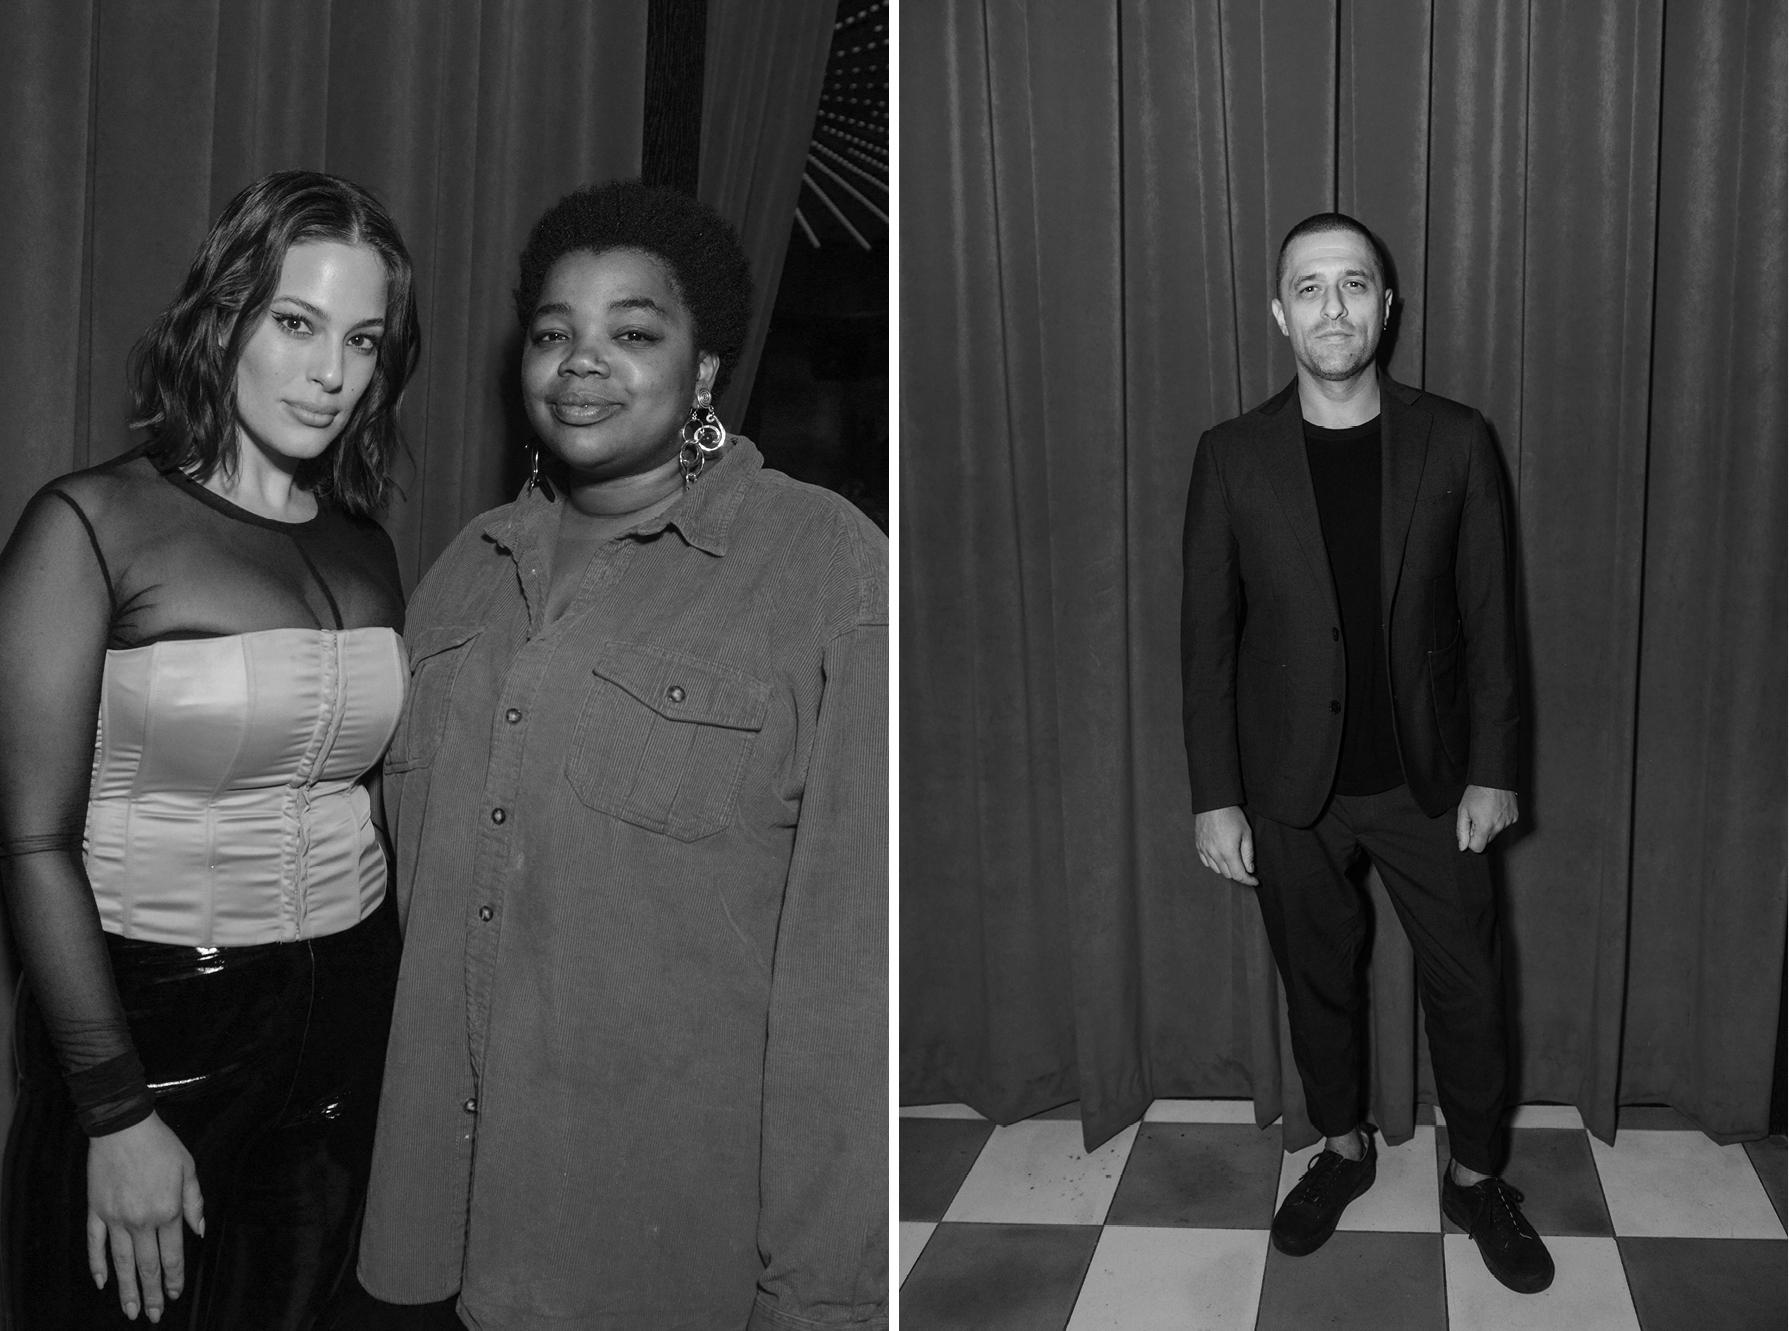 Left: Ashley Graham and Gabriella Karefa-JohnsonRight: Ben Pundole